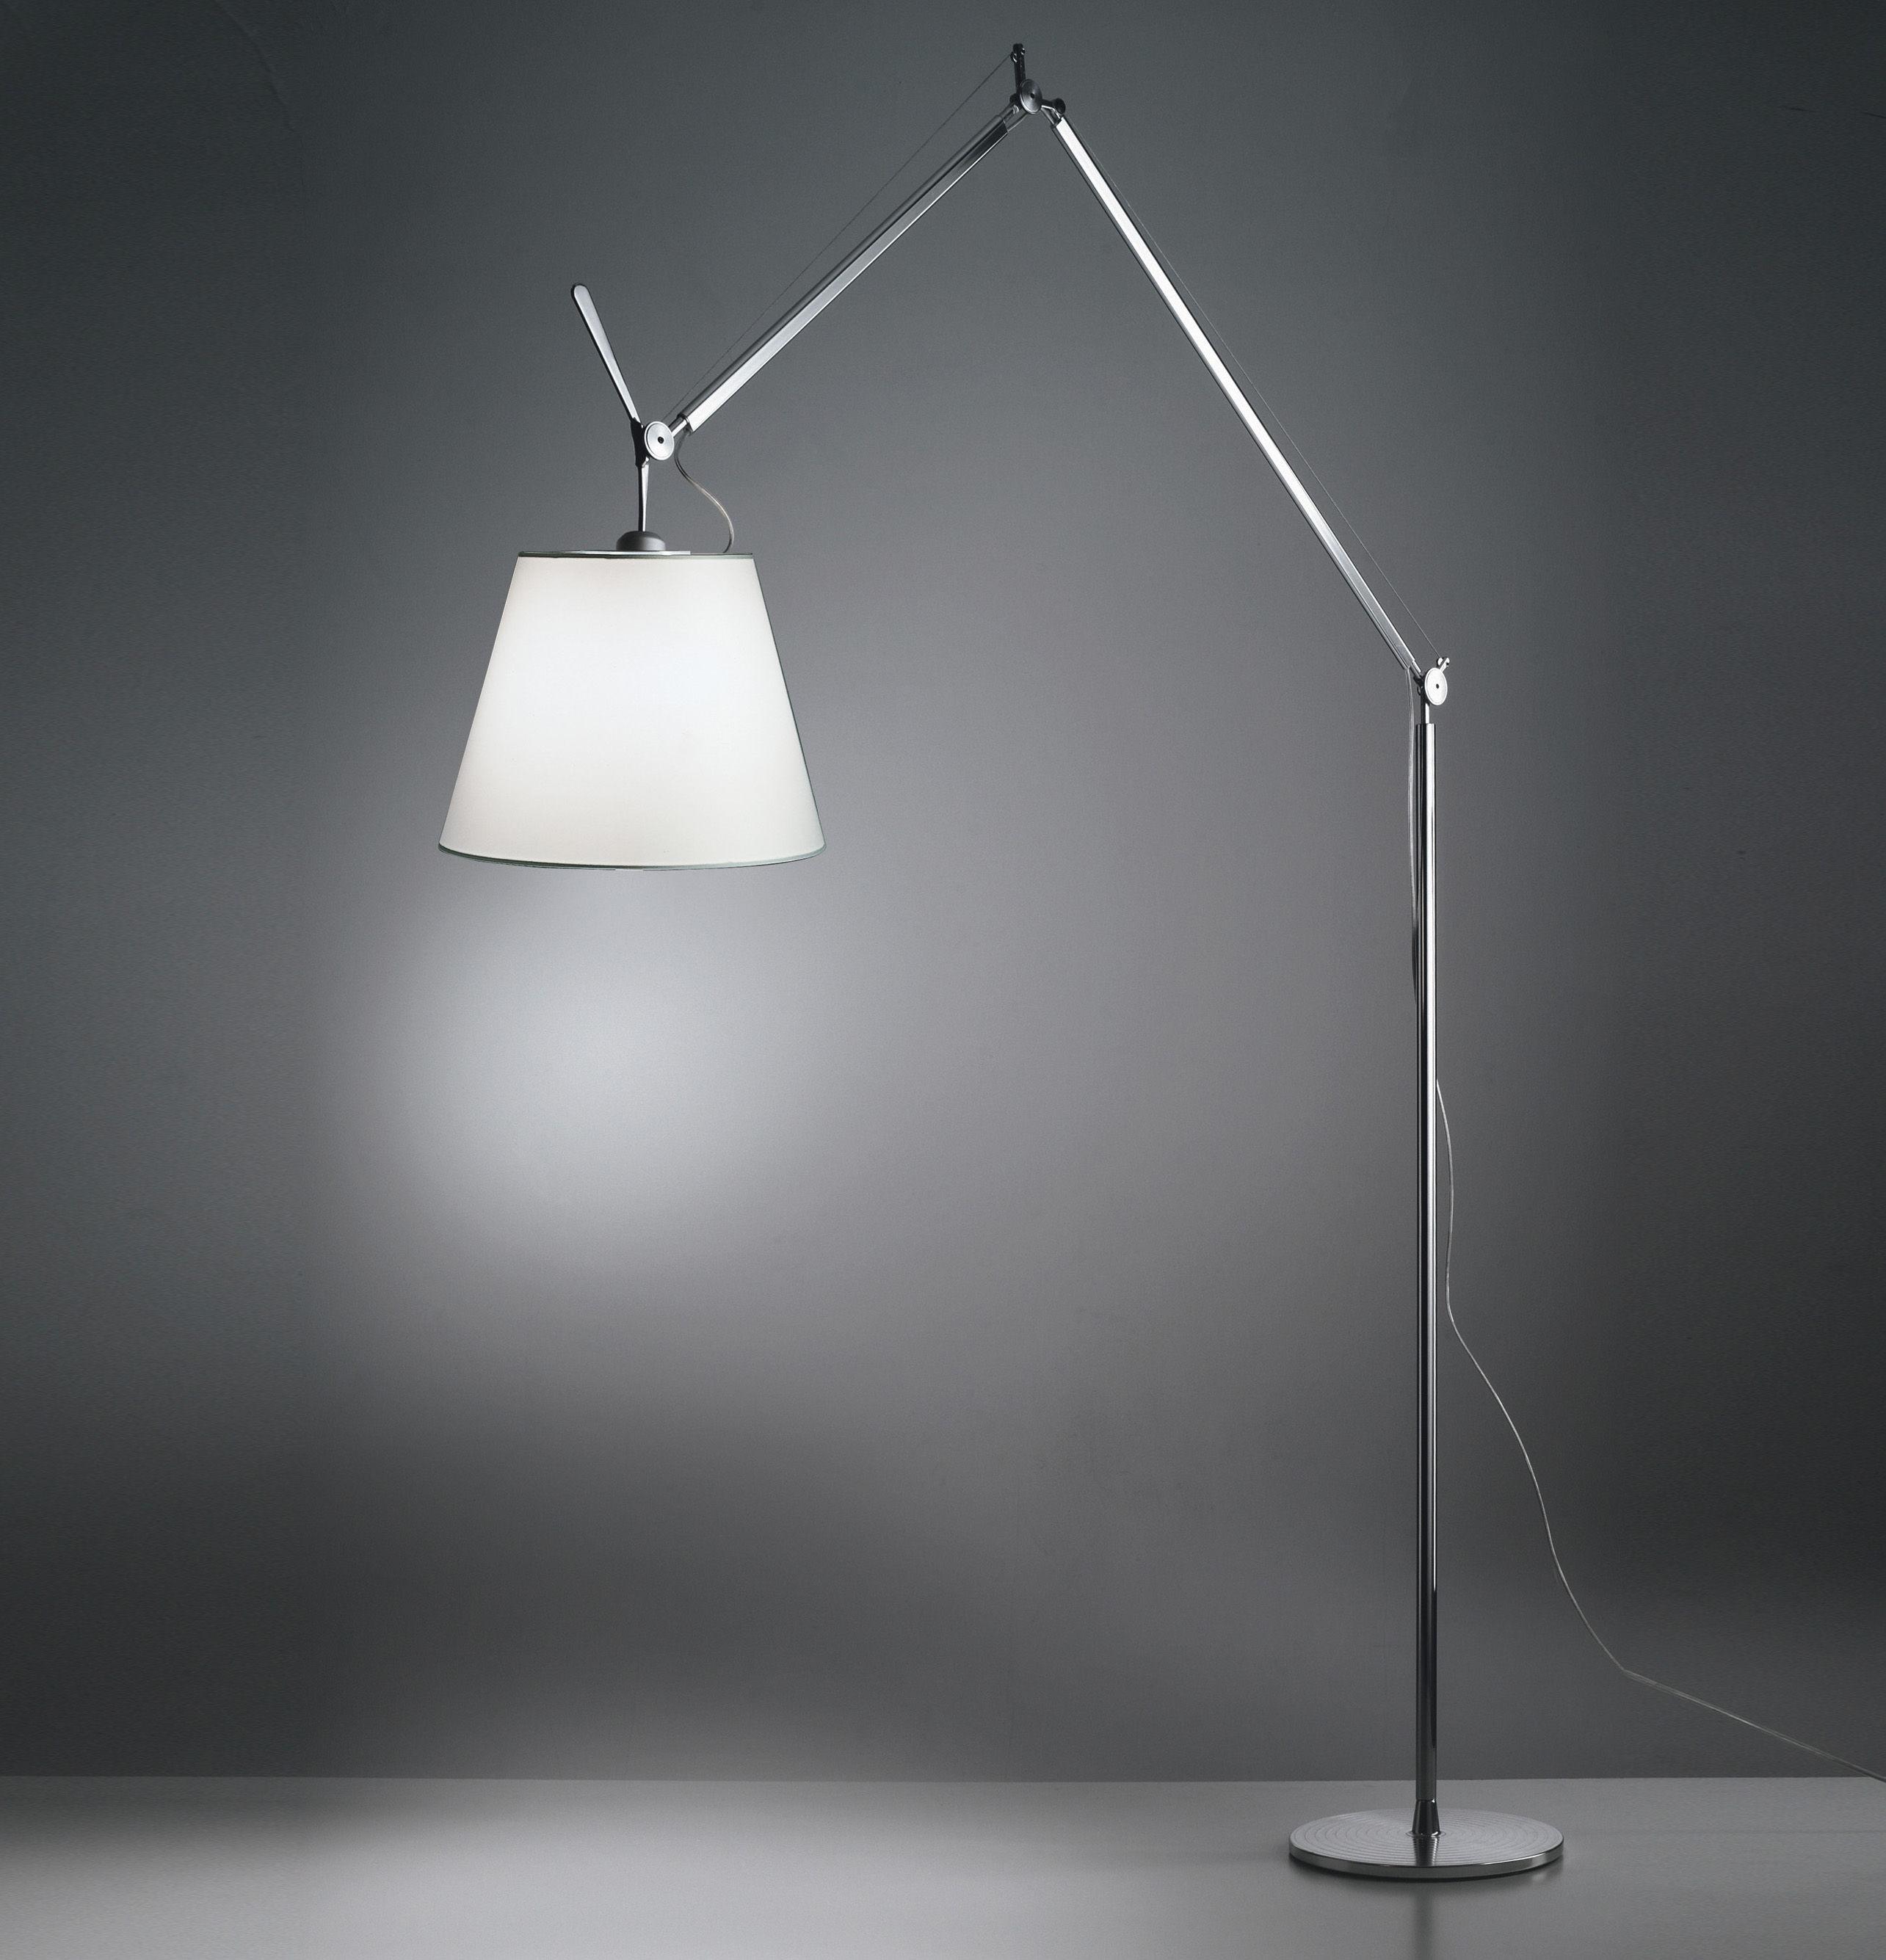 forum lampada da terra per zona soggiorno. Black Bedroom Furniture Sets. Home Design Ideas